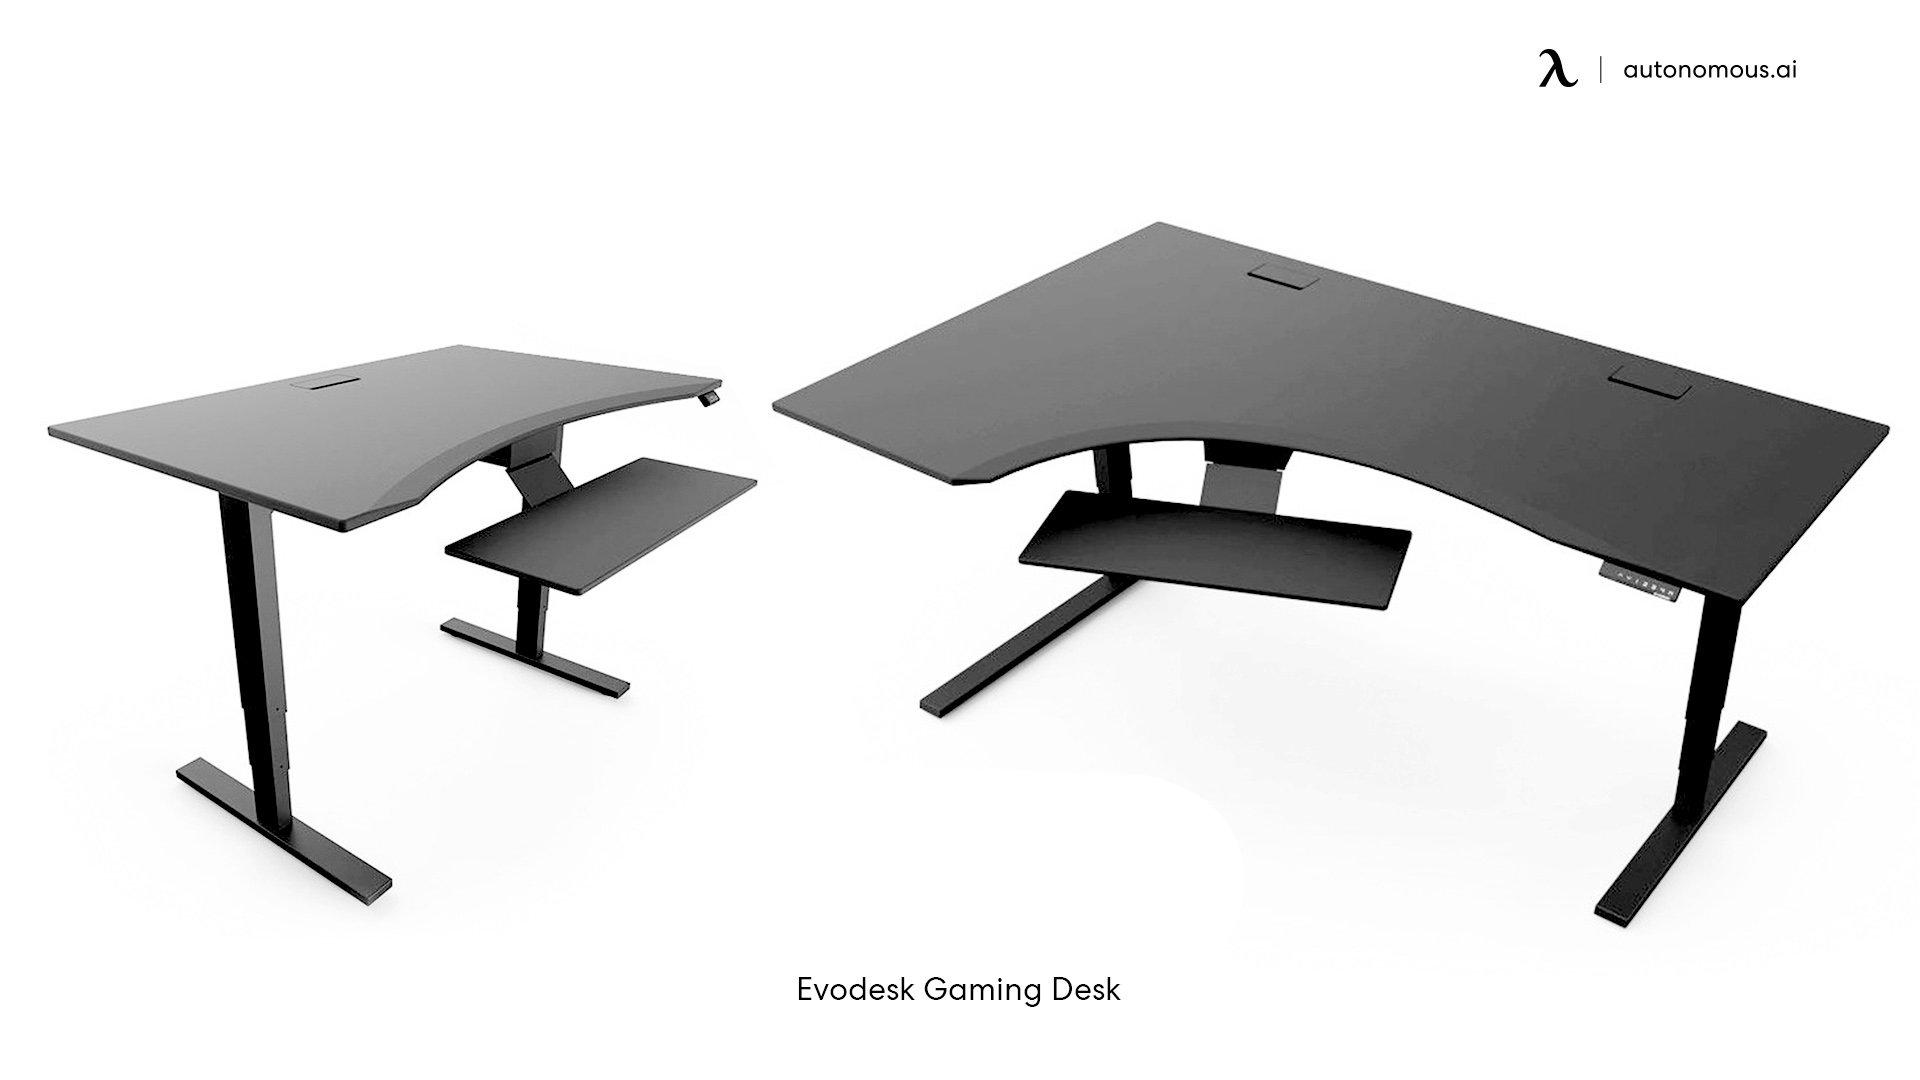 Evodesk Gaming Desk